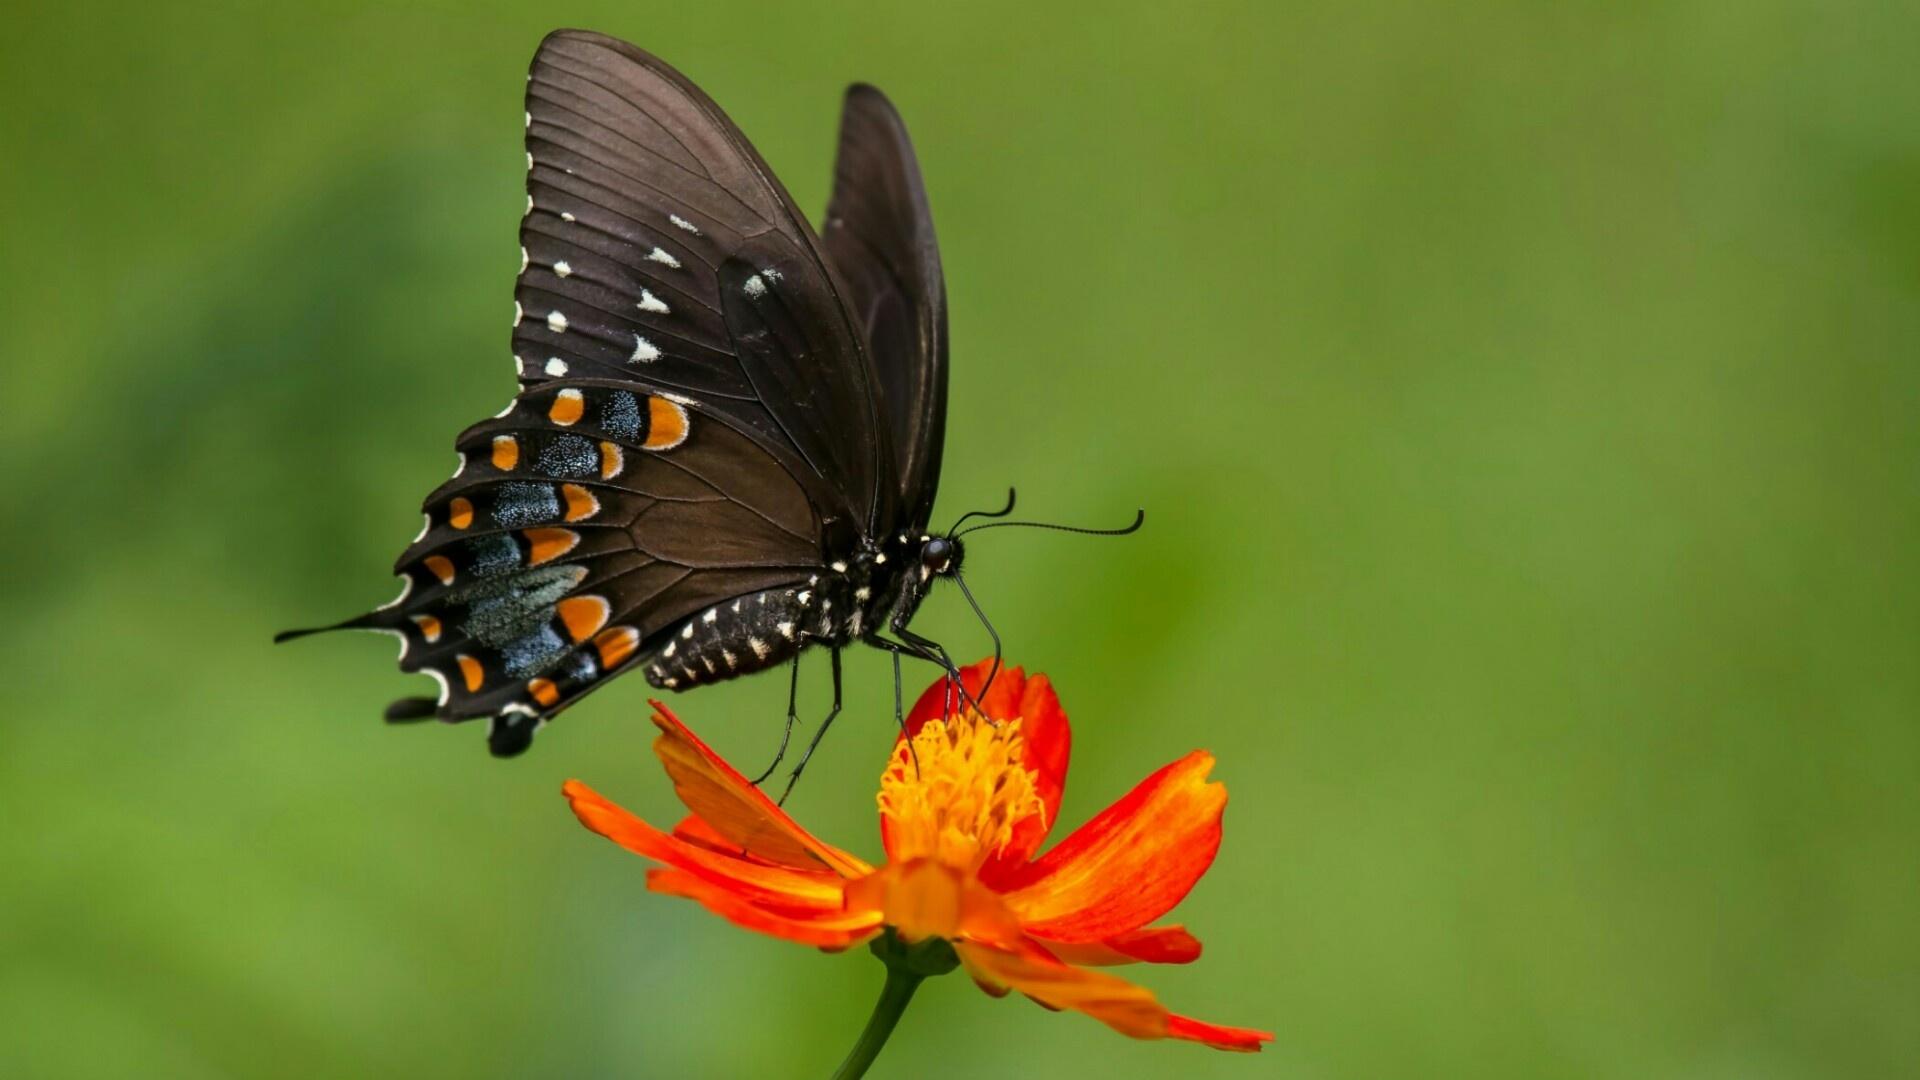 Butterfly On A Flower HD Wallpaper